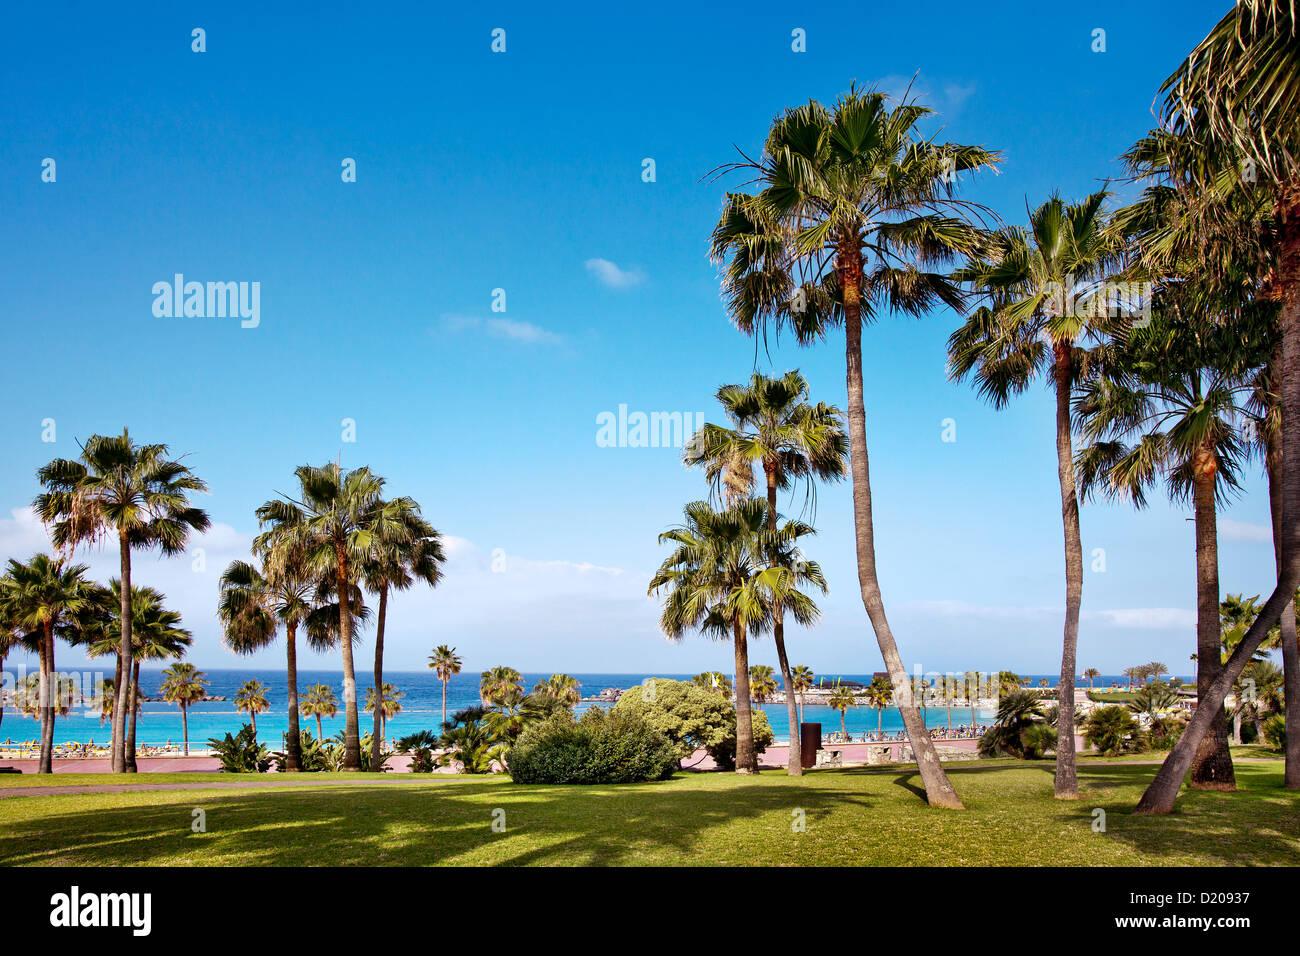 Vue sur les palmiers et l'océan, Puerto Rico, Puerto Rico, Gran Canaria, Îles Canaries, Espagne, Europe Photo Stock